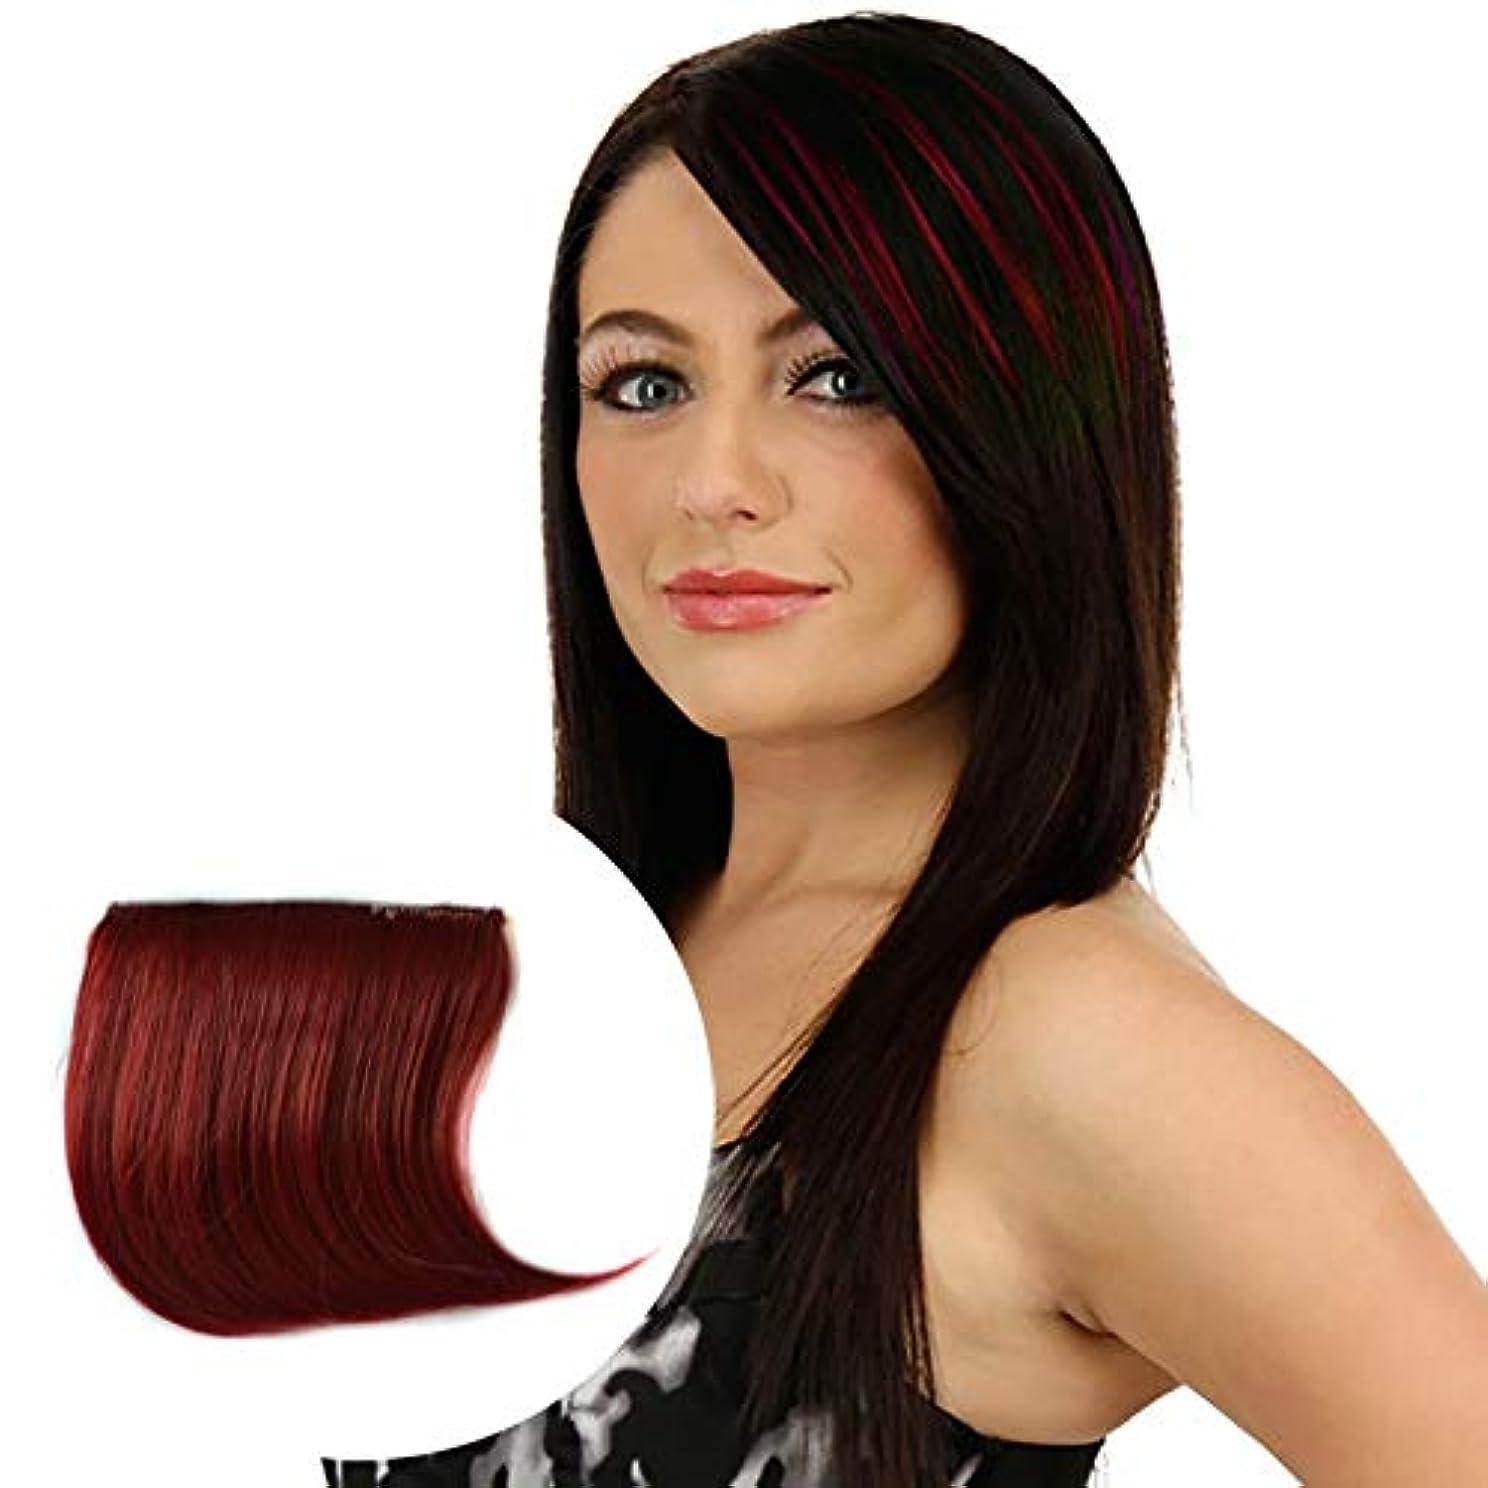 足枷アルコール従順美しさ カラーグラデーション見えないシームレスヘアエクステンションウィッグピースストレートヘアピースカラーバンズヘアピース ヘア&シェービング (色 : Wine Red)